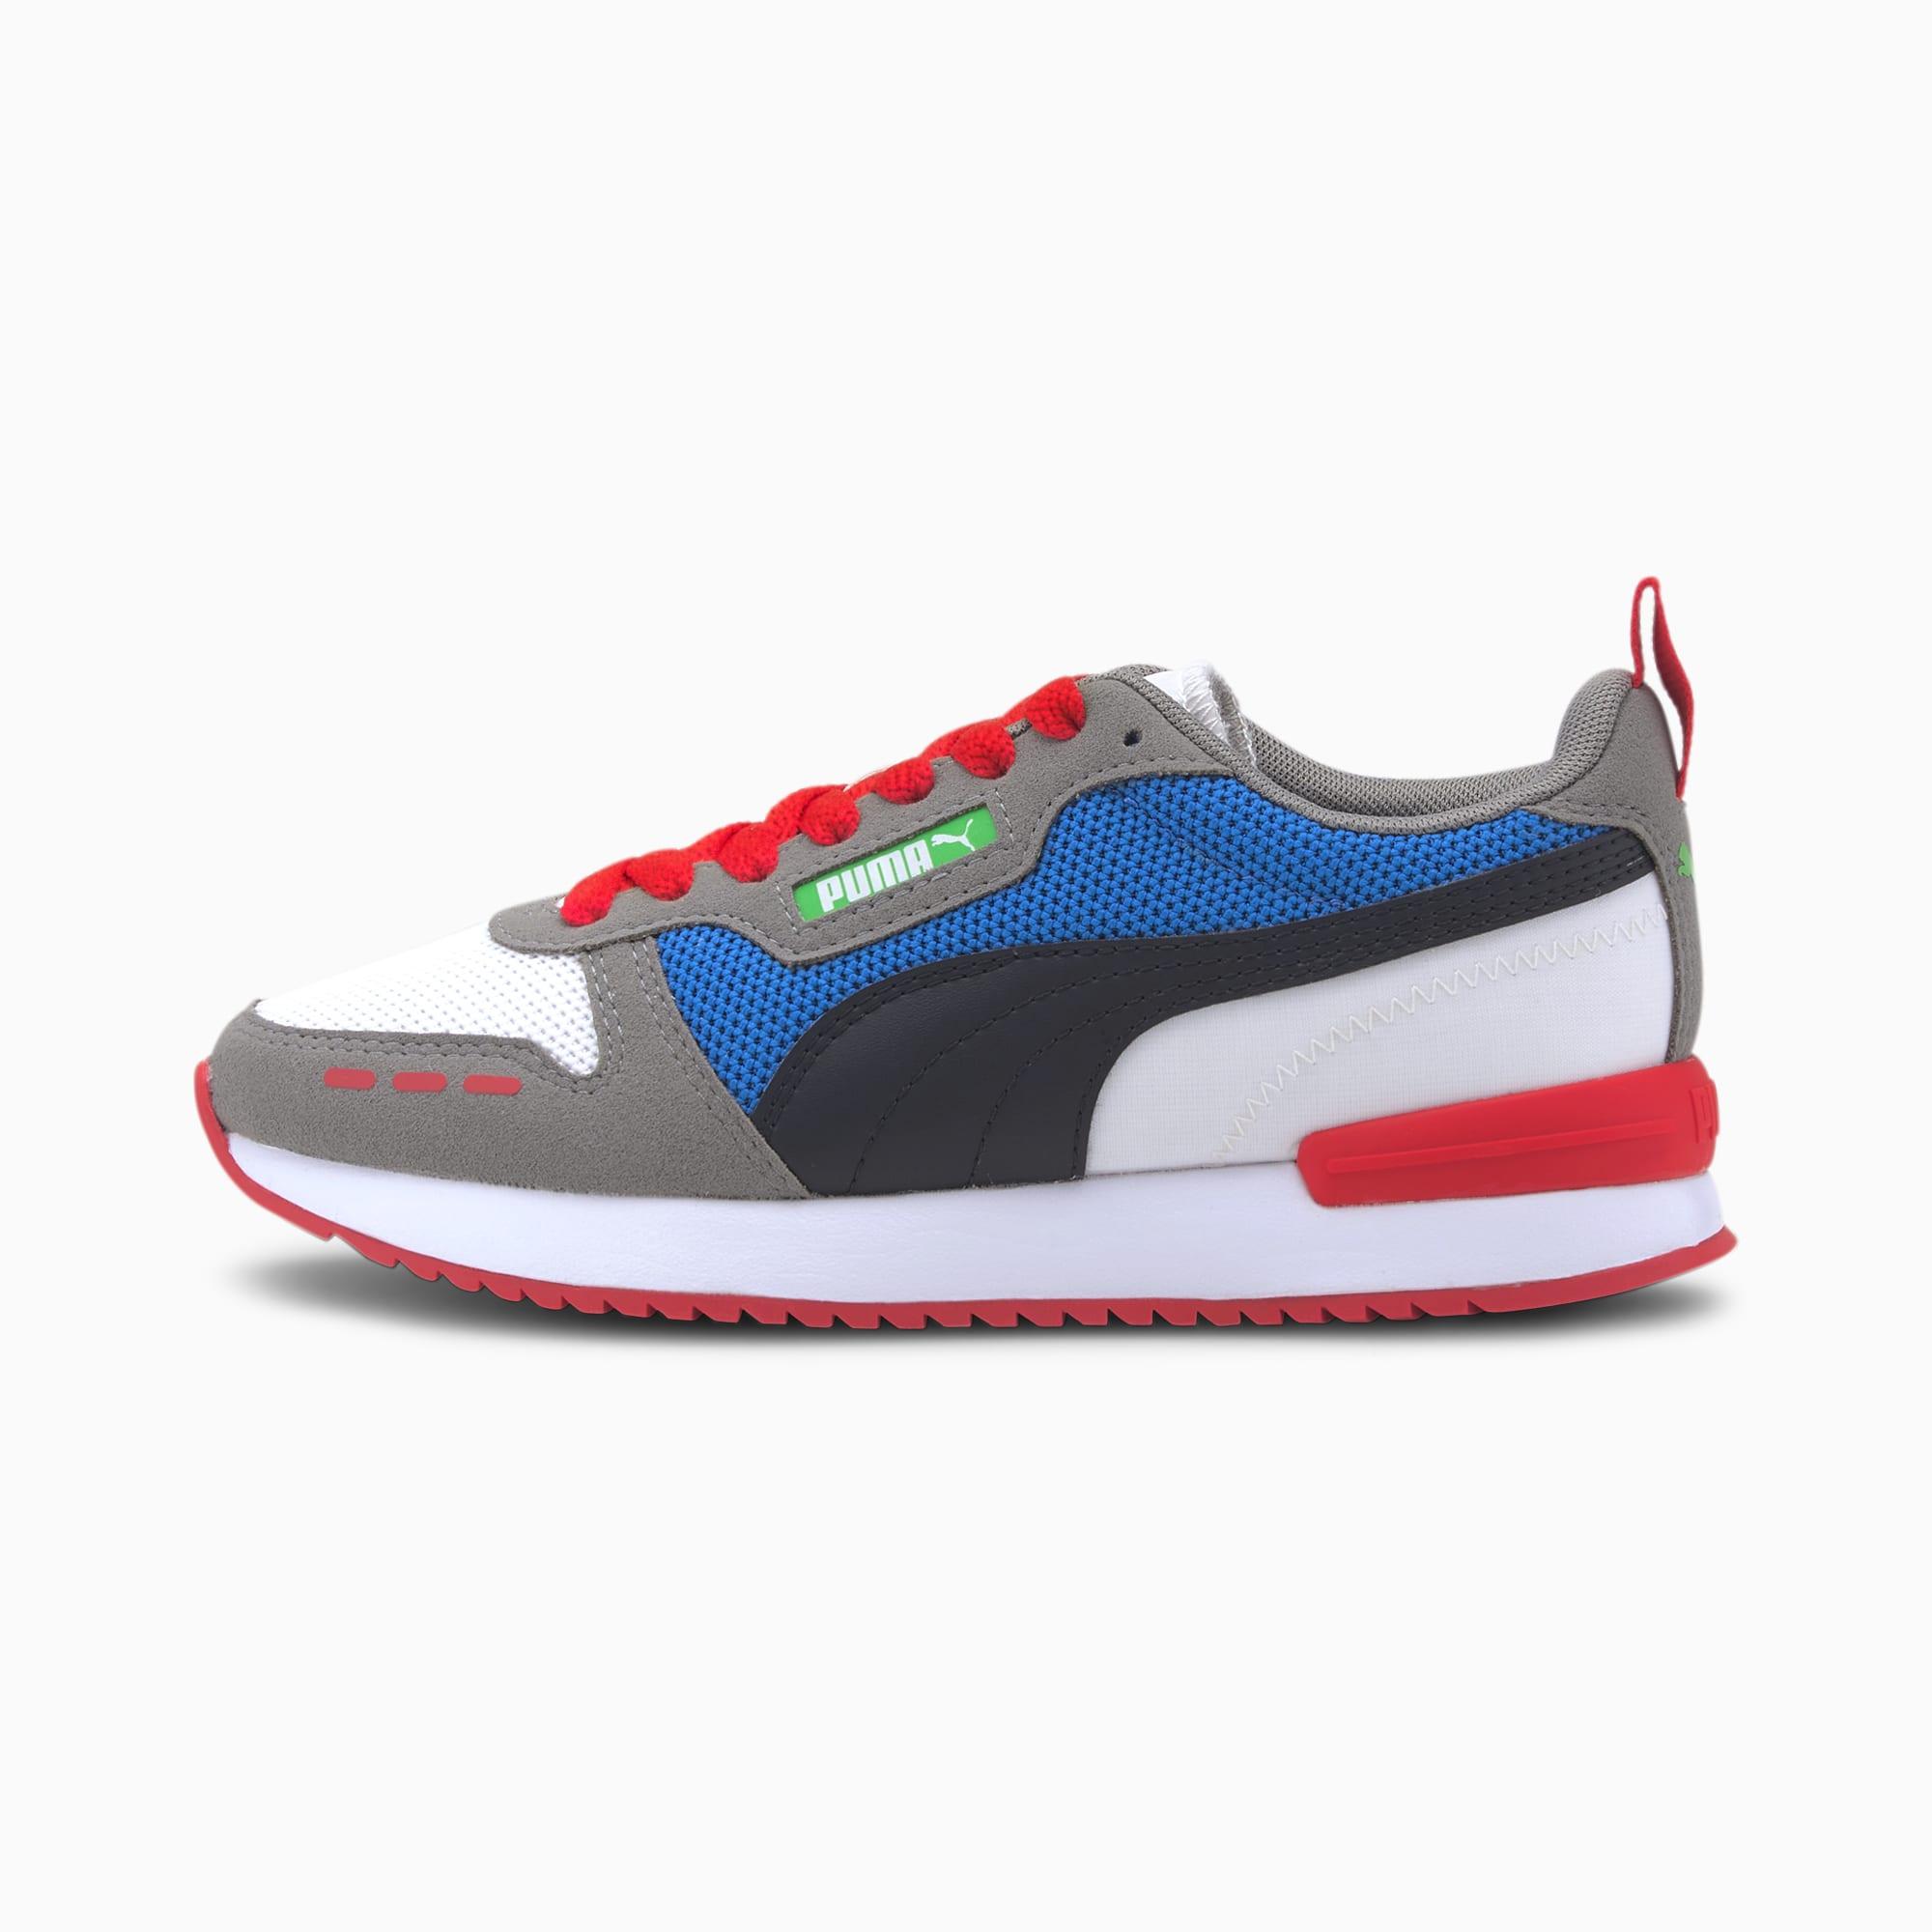 PUMA R78 Youth Sneaker Schuhe Für Kinder | Mit Aucun | Weiß/Schwarz/Grau | Größe: 38.5